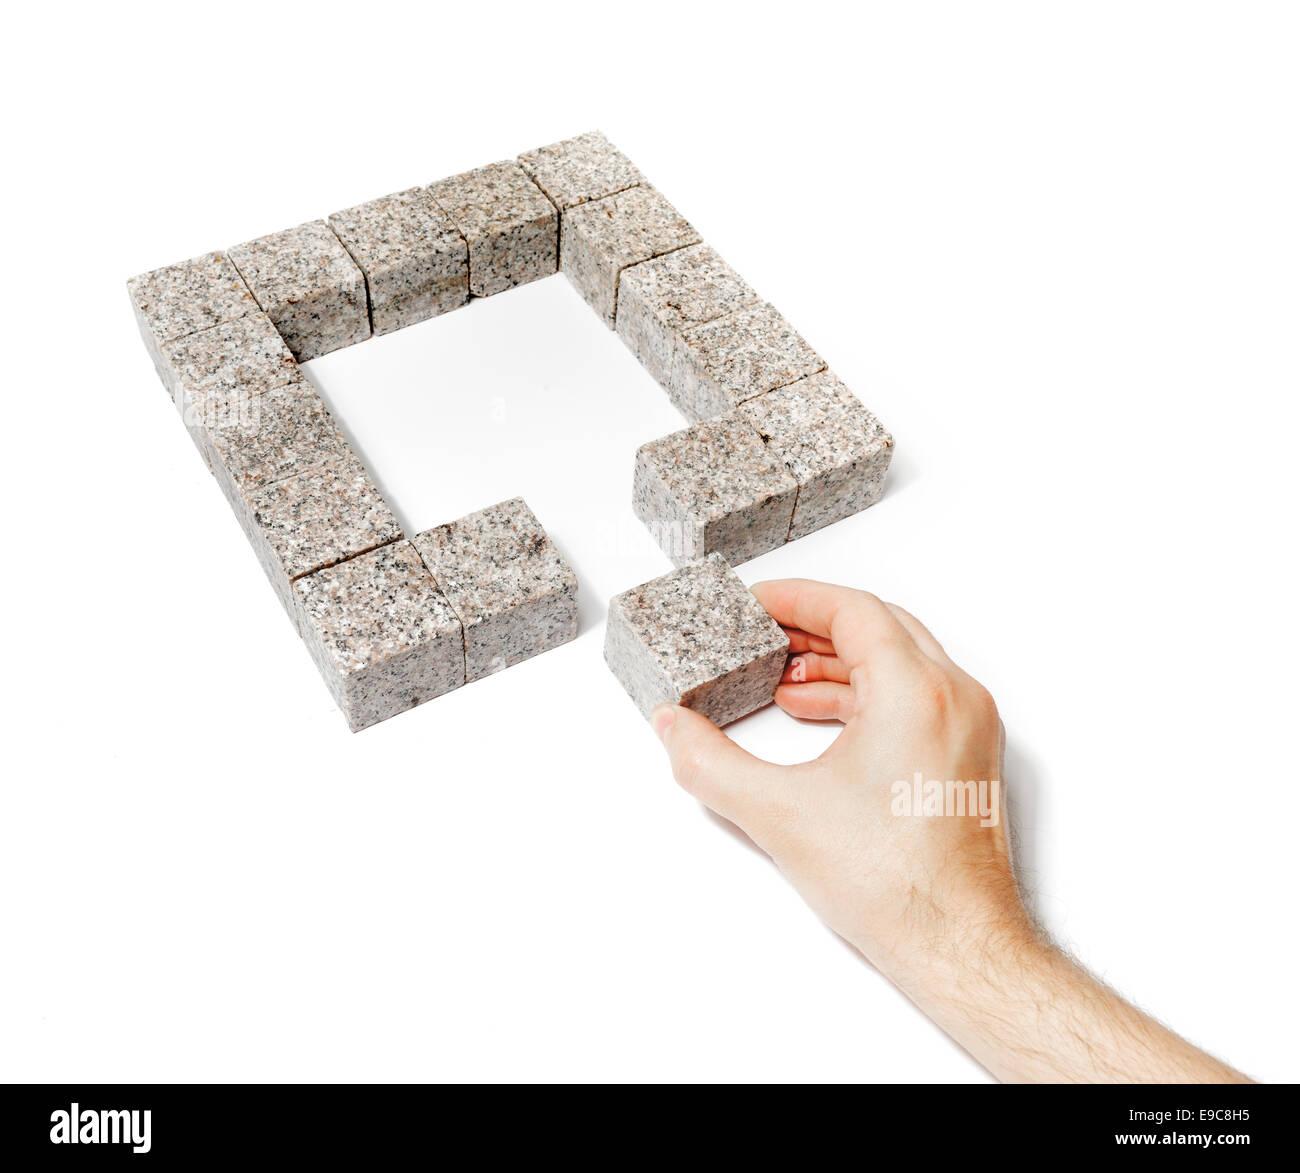 Finition de l'homme un carré constitué de petits blocs de granit rock. Photo Stock